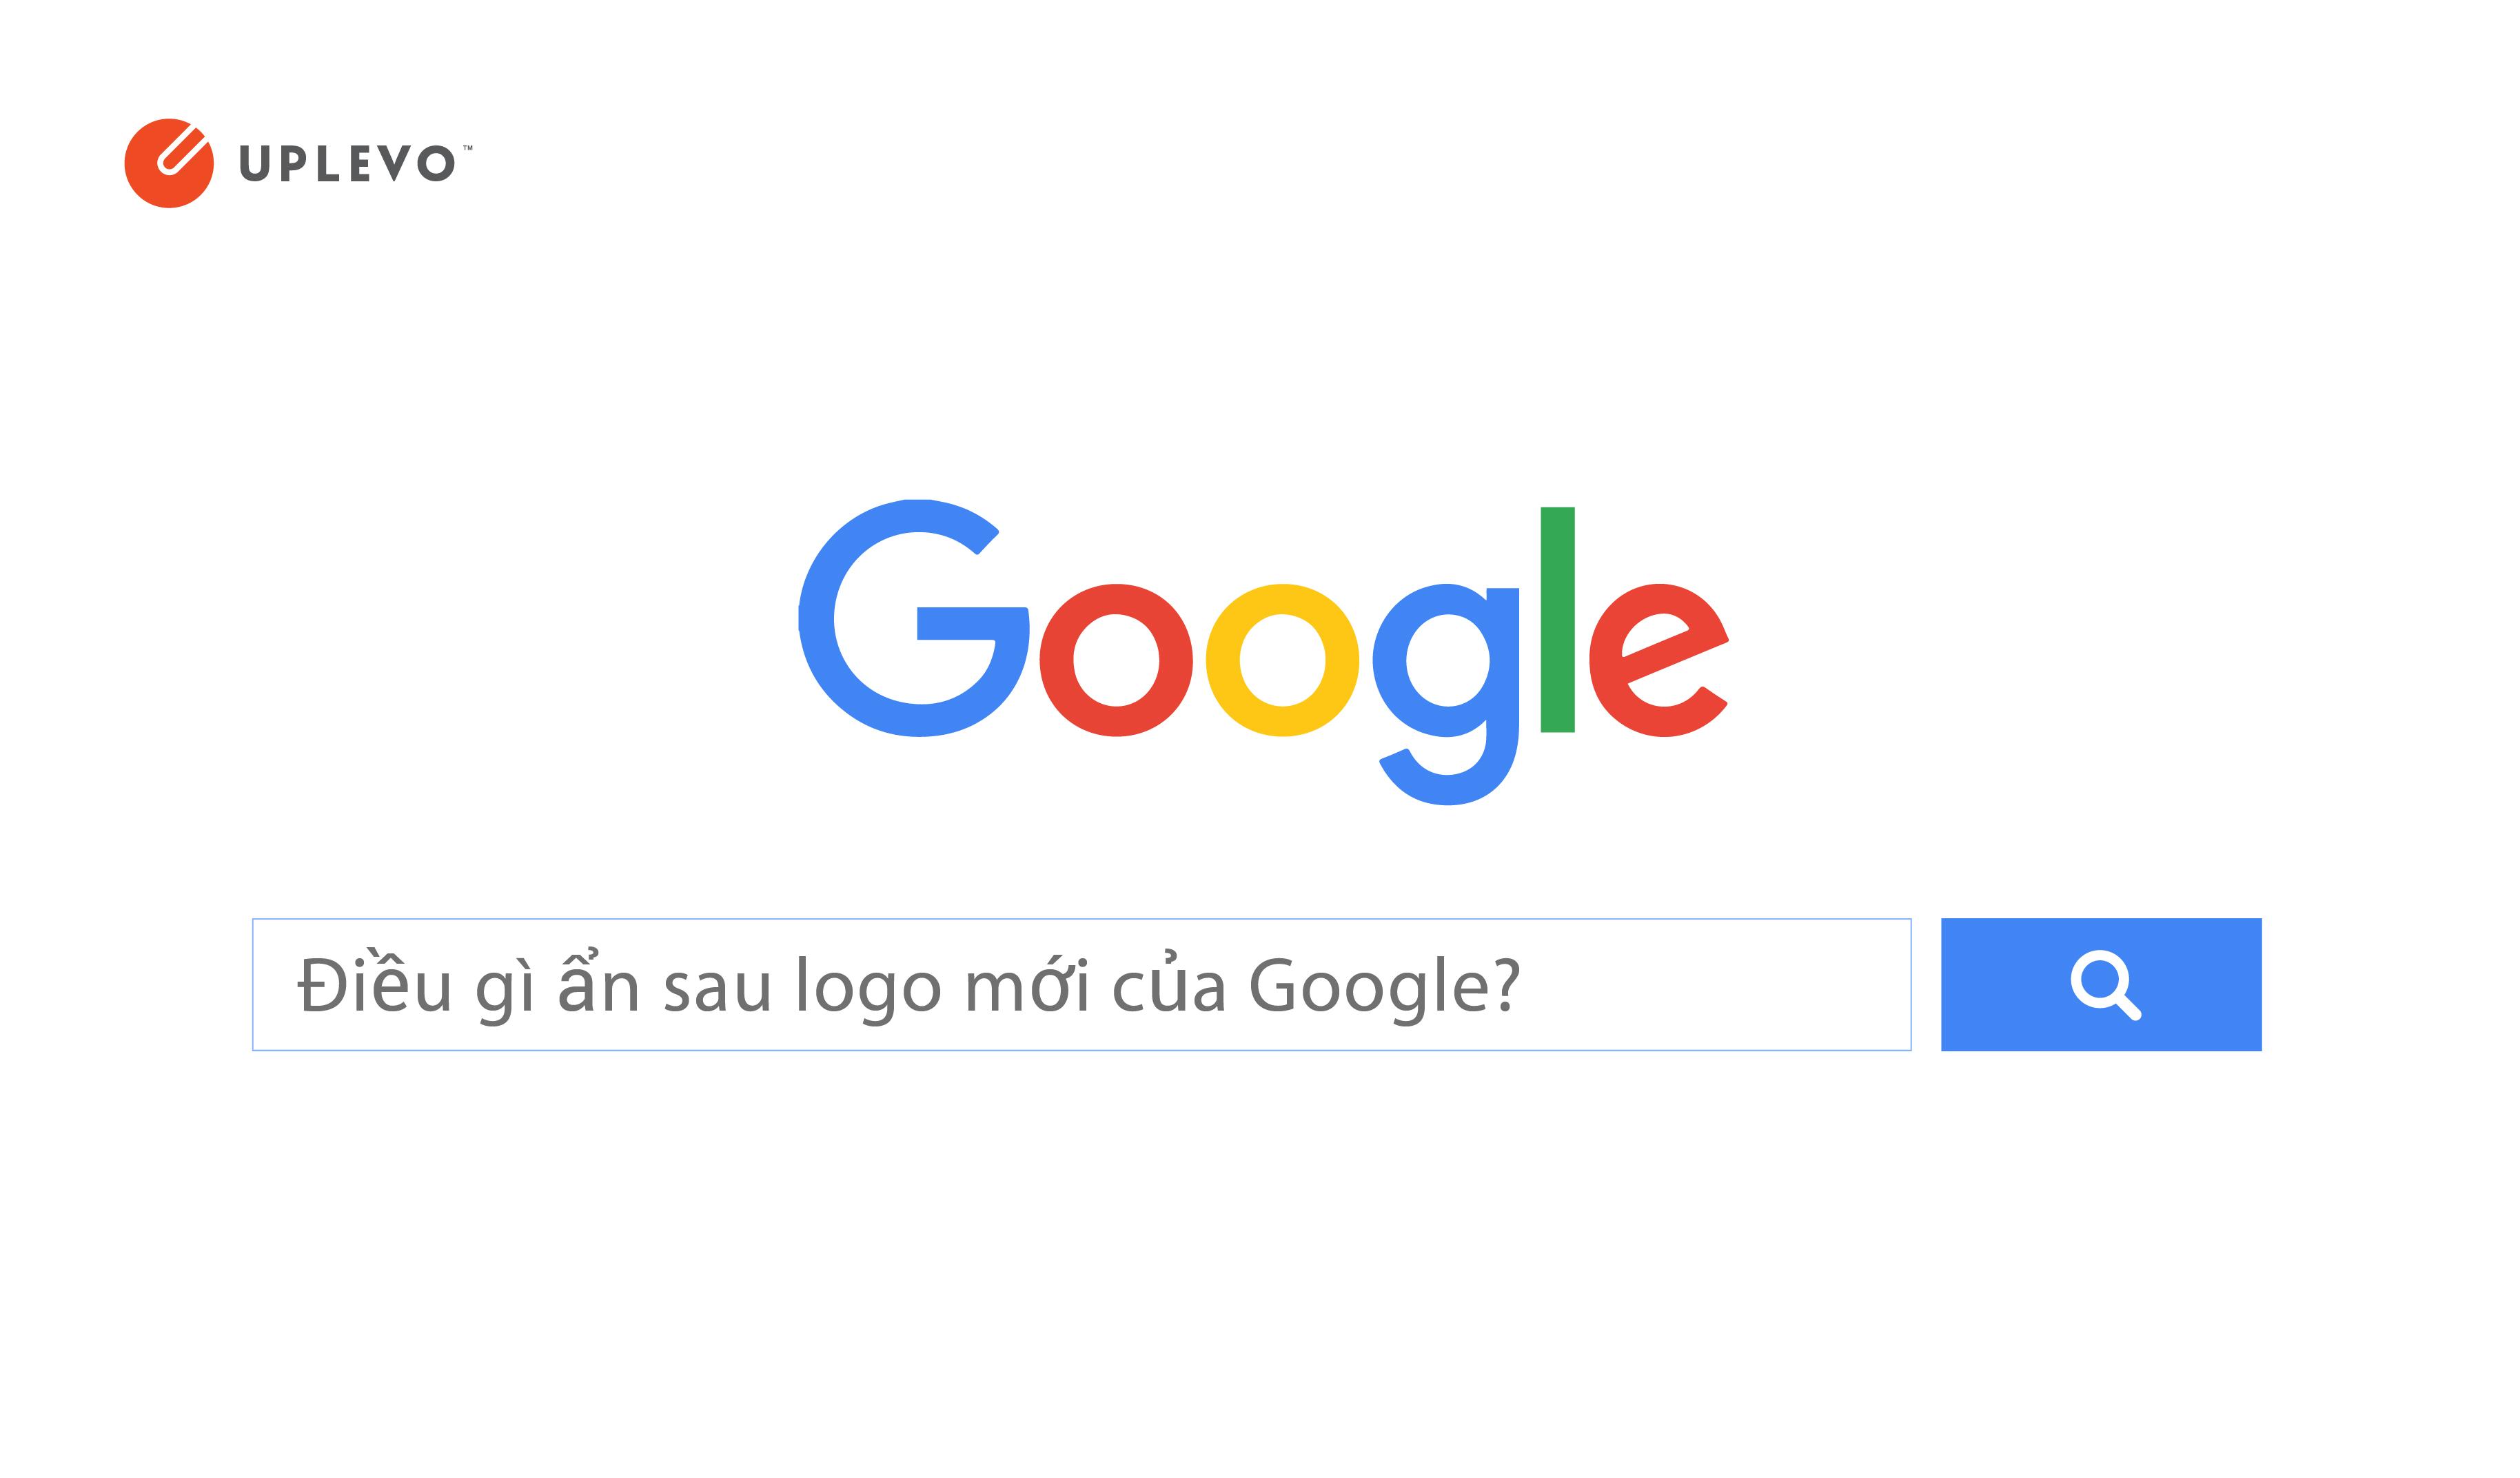 Điều gì ẩn sau logo mới của Google?